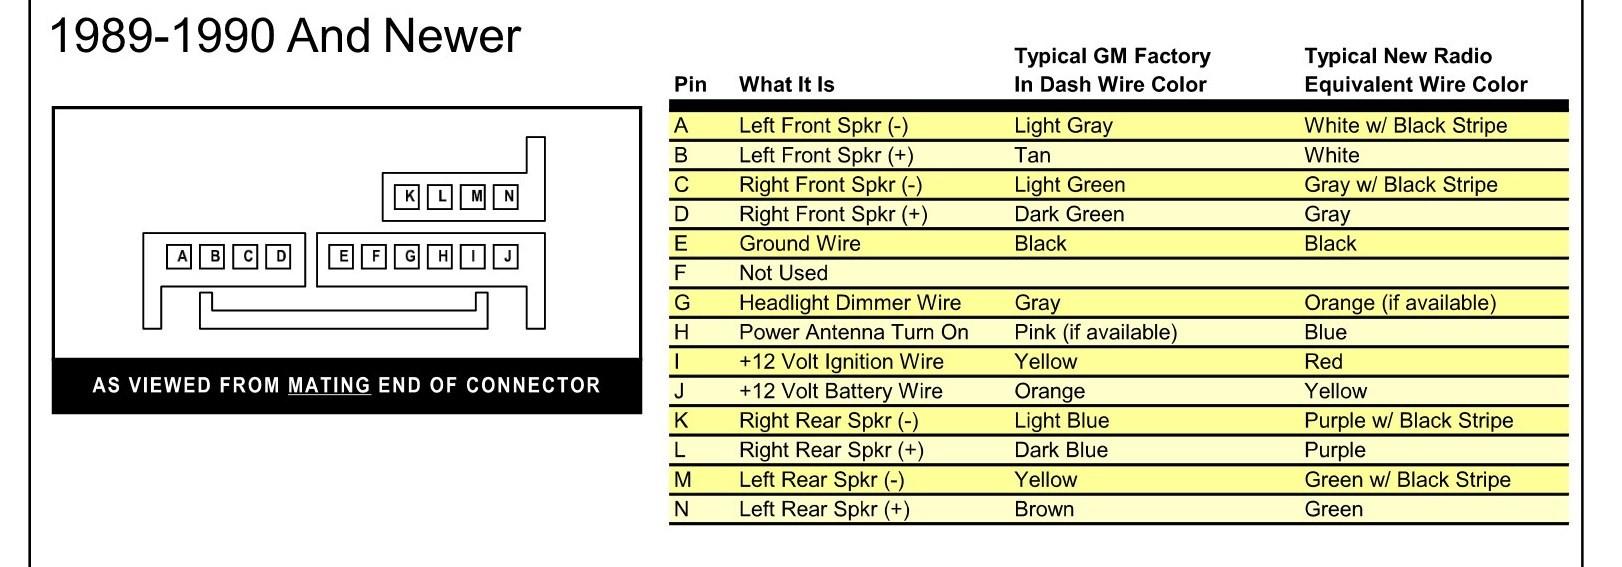 chevy silverado radio wiring diagram Download-05 Silverado Radio Wiring Diagrams Schematics Throughout 2005 Chevy Diagram 6-o